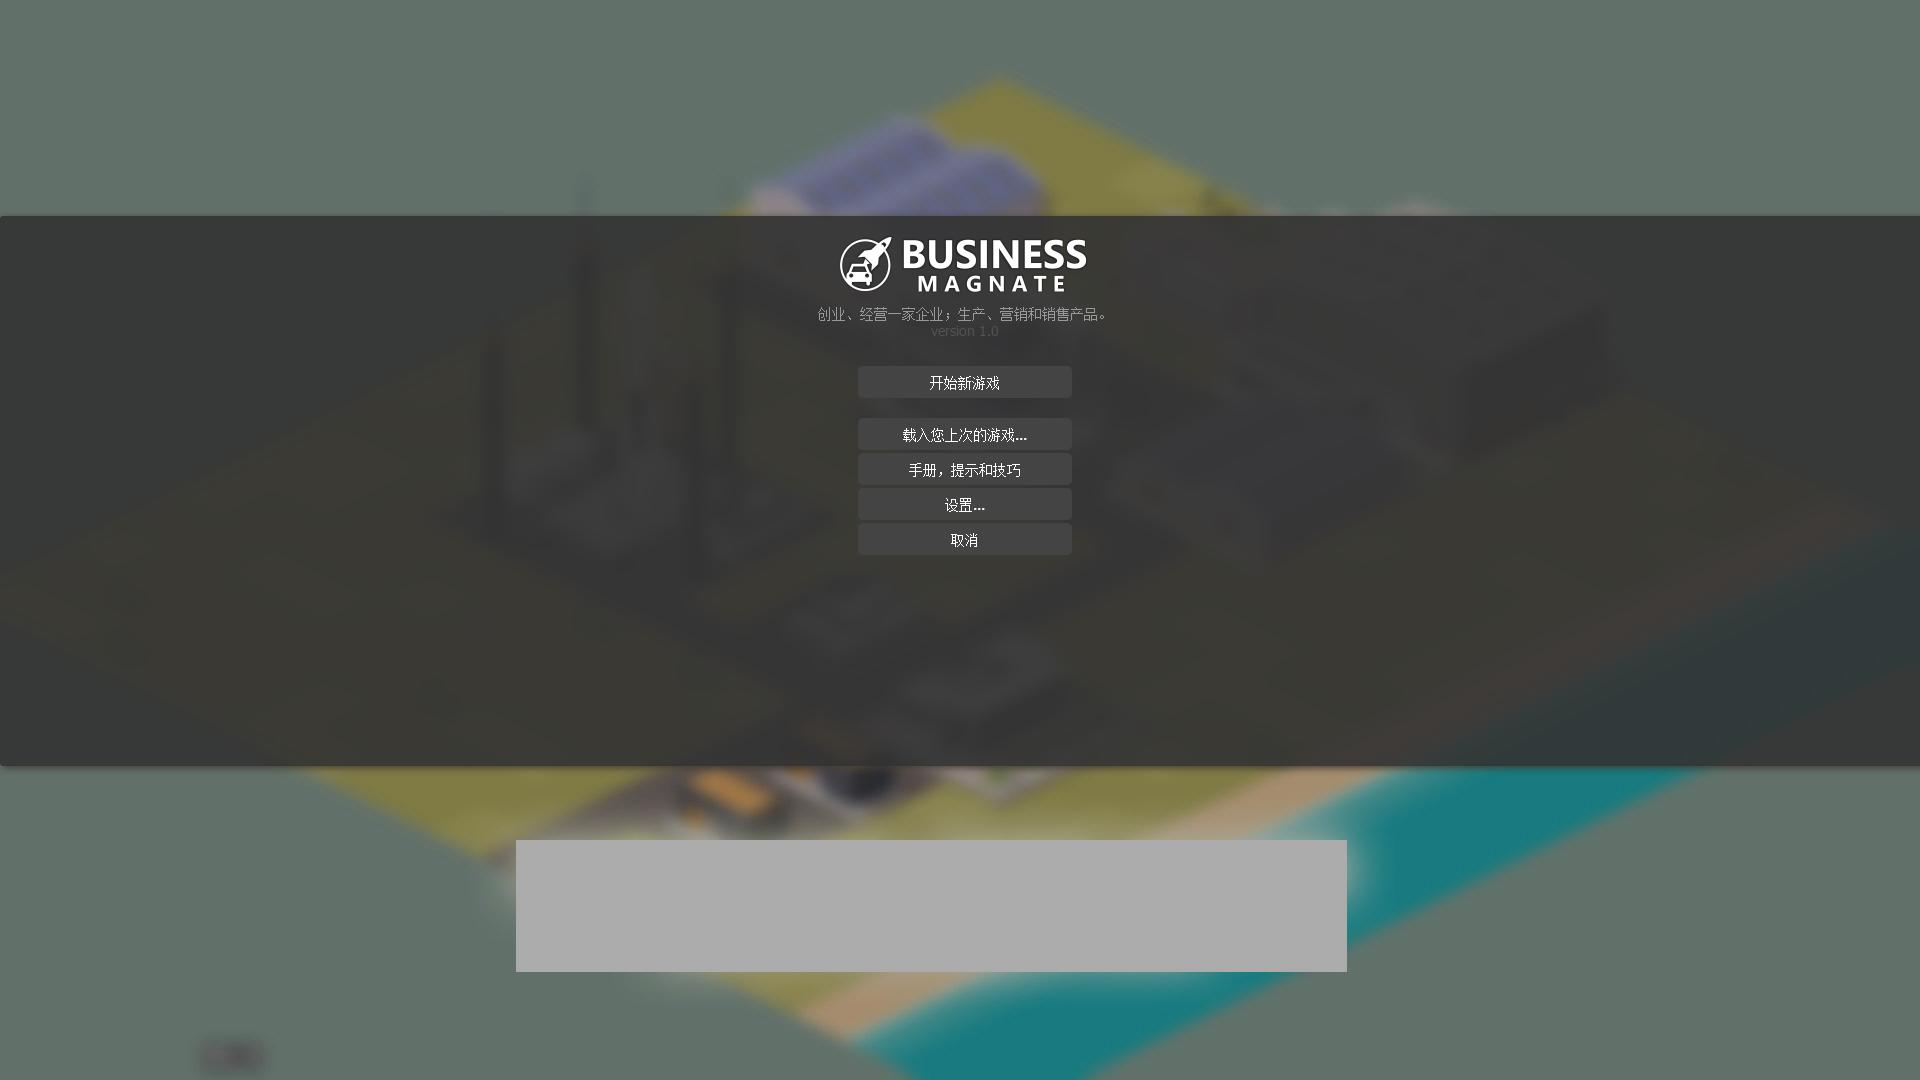 《商业巨头/Business Magnate》免安装中文版